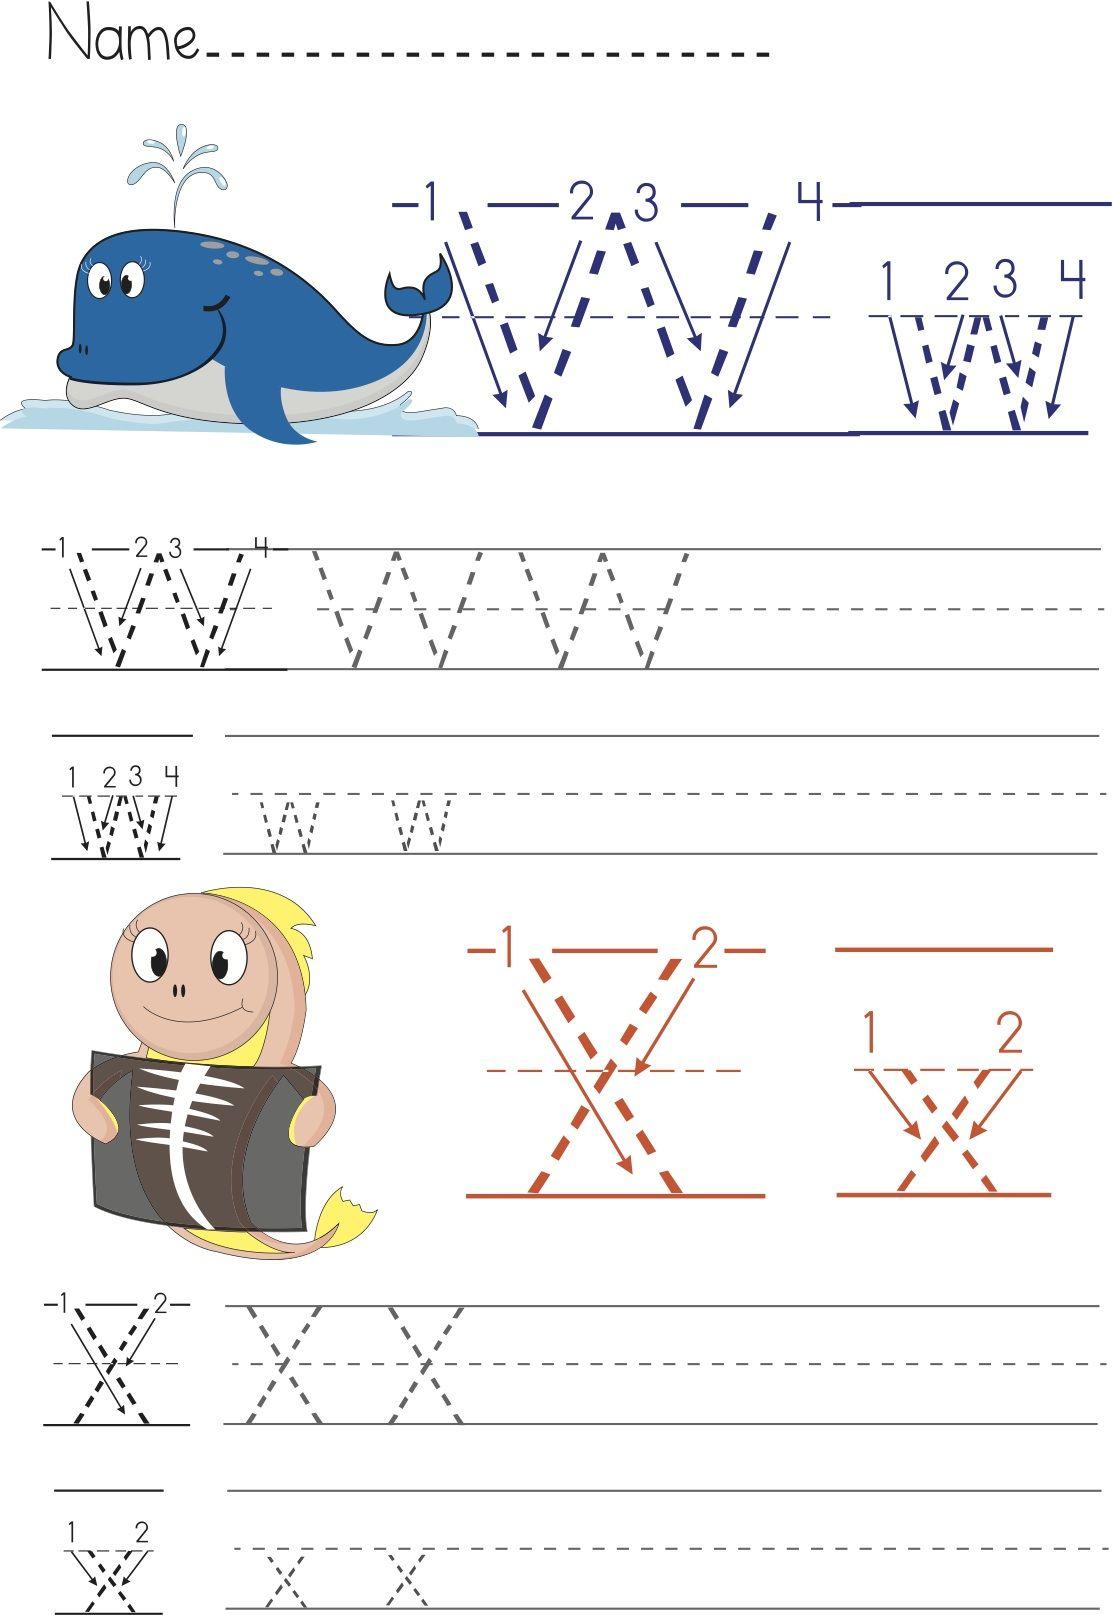 Workbooks lkg writing worksheets : Writing Worksheet (W-X) for Preschool | Kiboomu Kids Songs ...